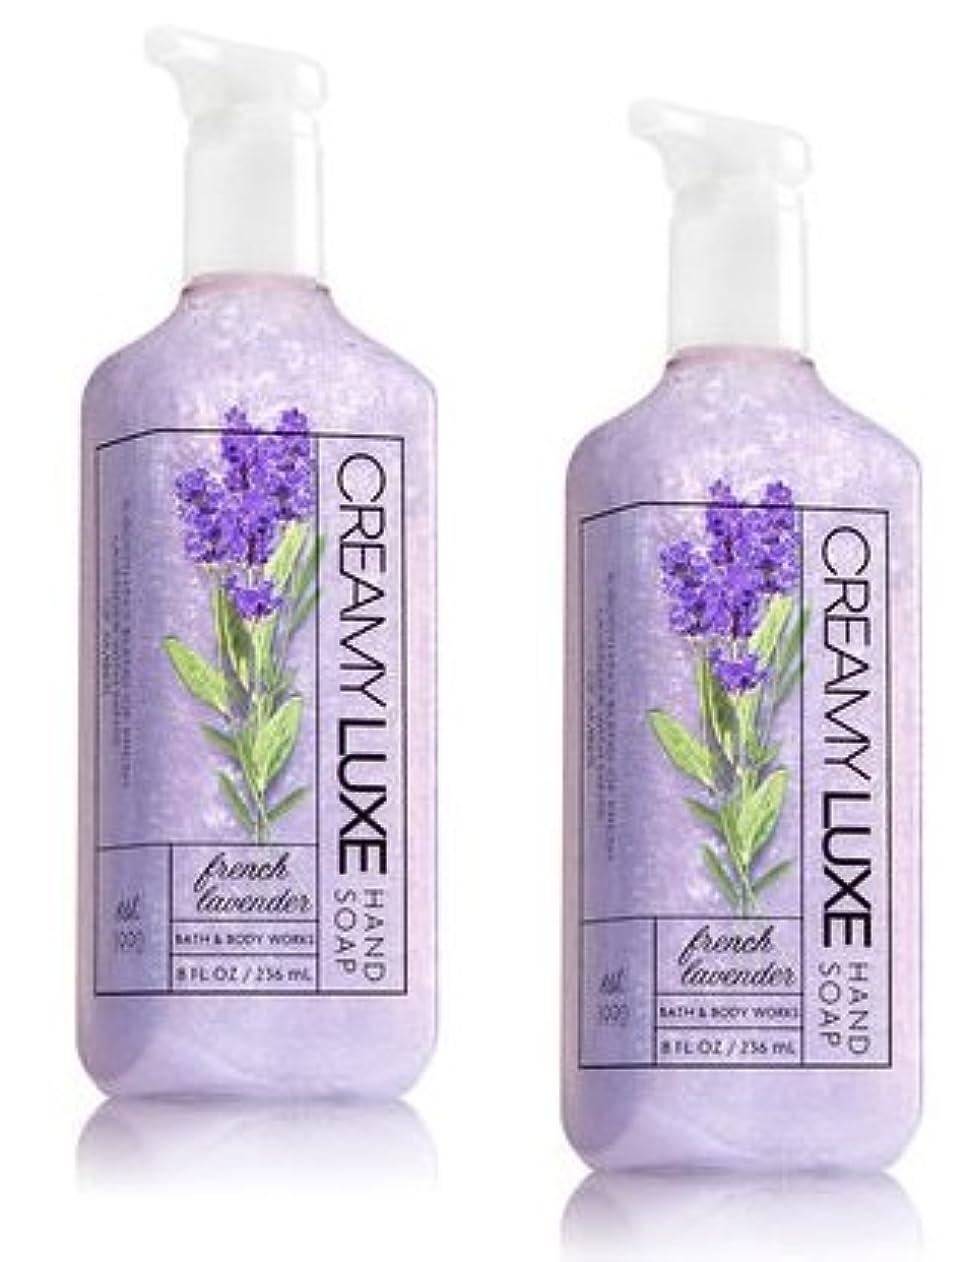 無条件書道薬を飲むBath & Body Works フレンチラベンダー クリーミー リュクス ハンドソープ 2本セット French Lavender Creamy Luxe Hand Soap. 8 oz [並行輸入品]